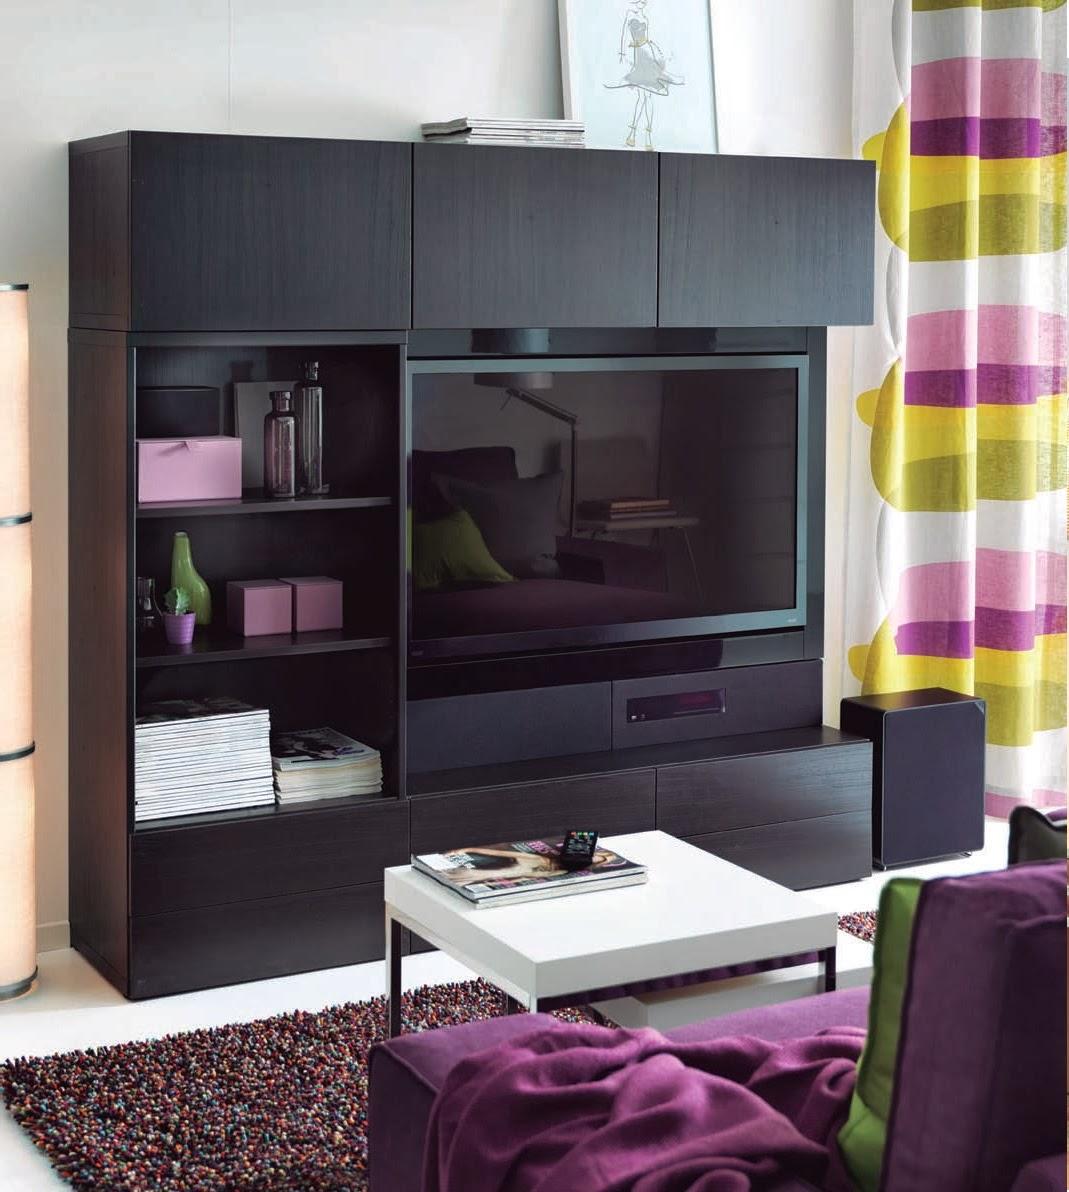 Muebles Sala De Estar Ikea ~ Ikea  Mobiliário para a sala ~ Decoração e Ideias  casa e jardim